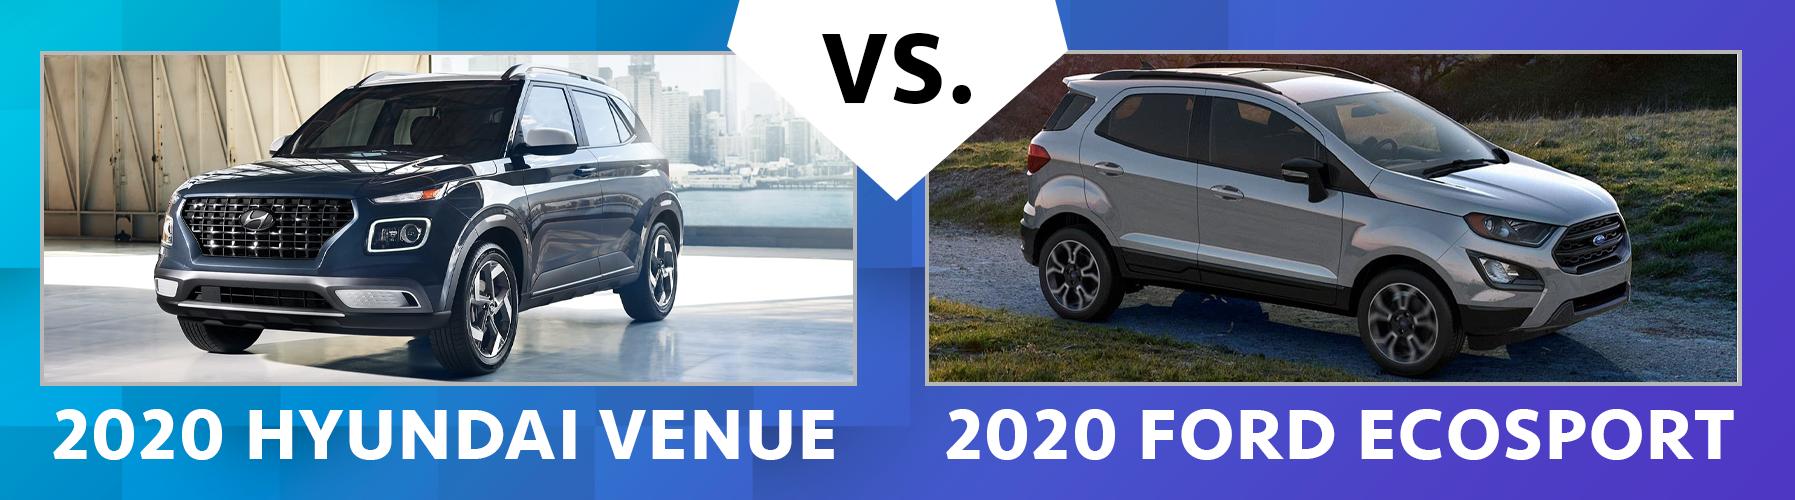 2020 Hyundai Venue vs 2020 Ford EcoSport Comparisons